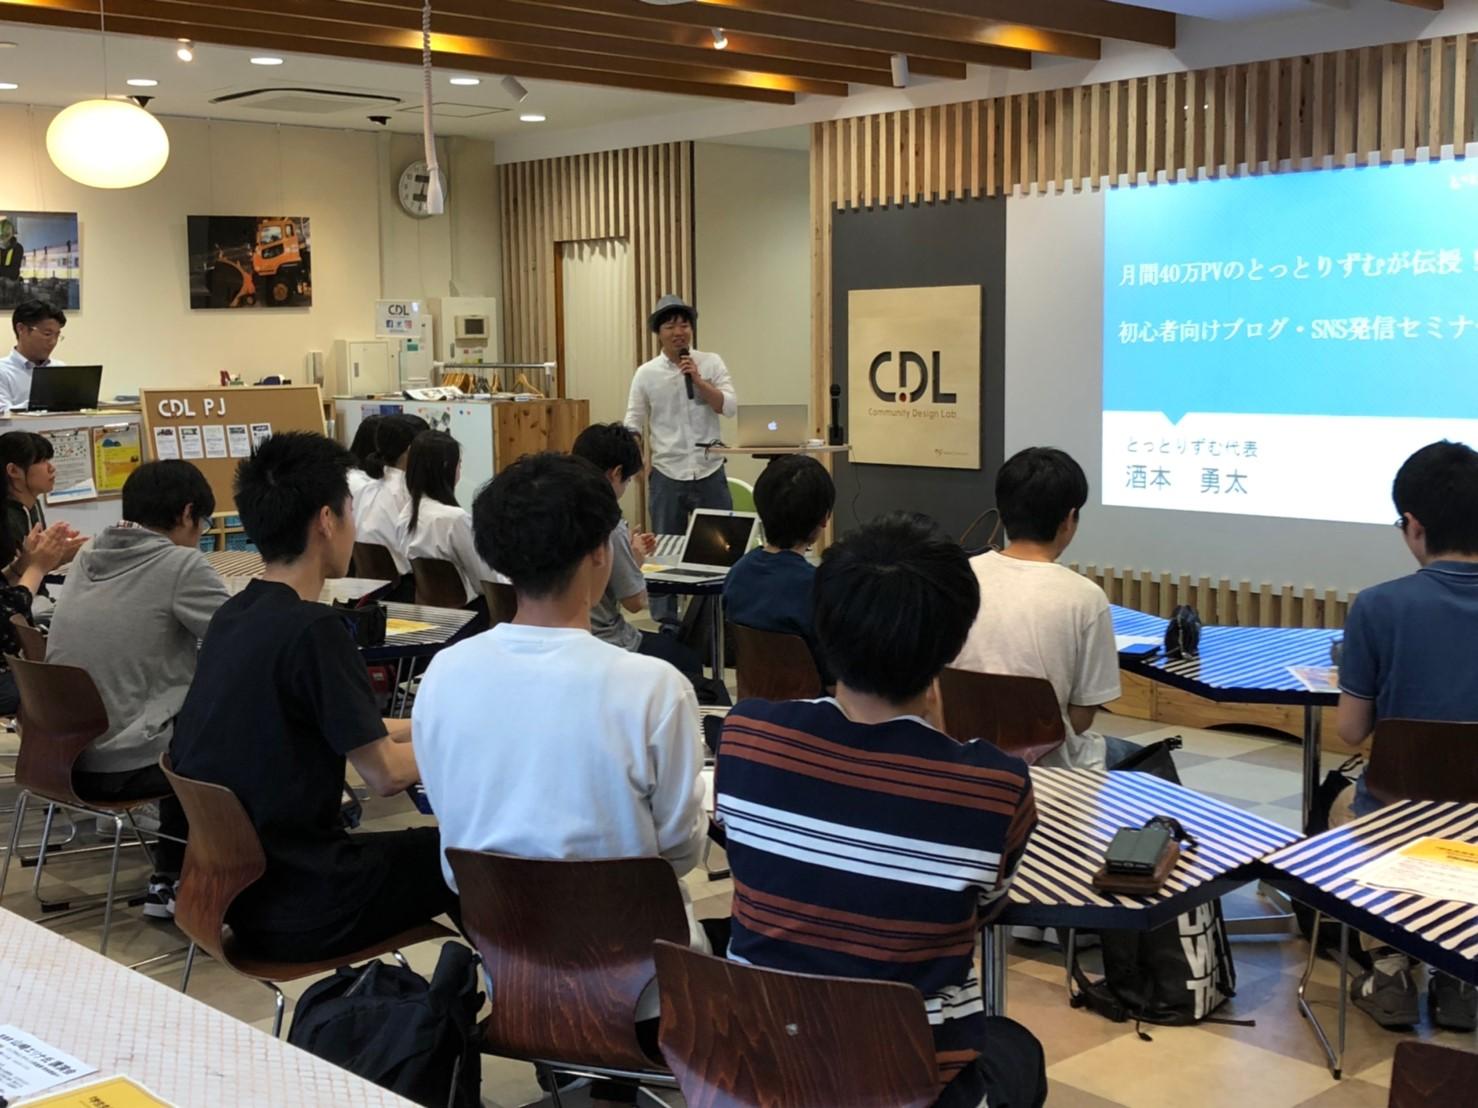 鳥取大学でブログ・SNS情報発信セミナーを開催しました!